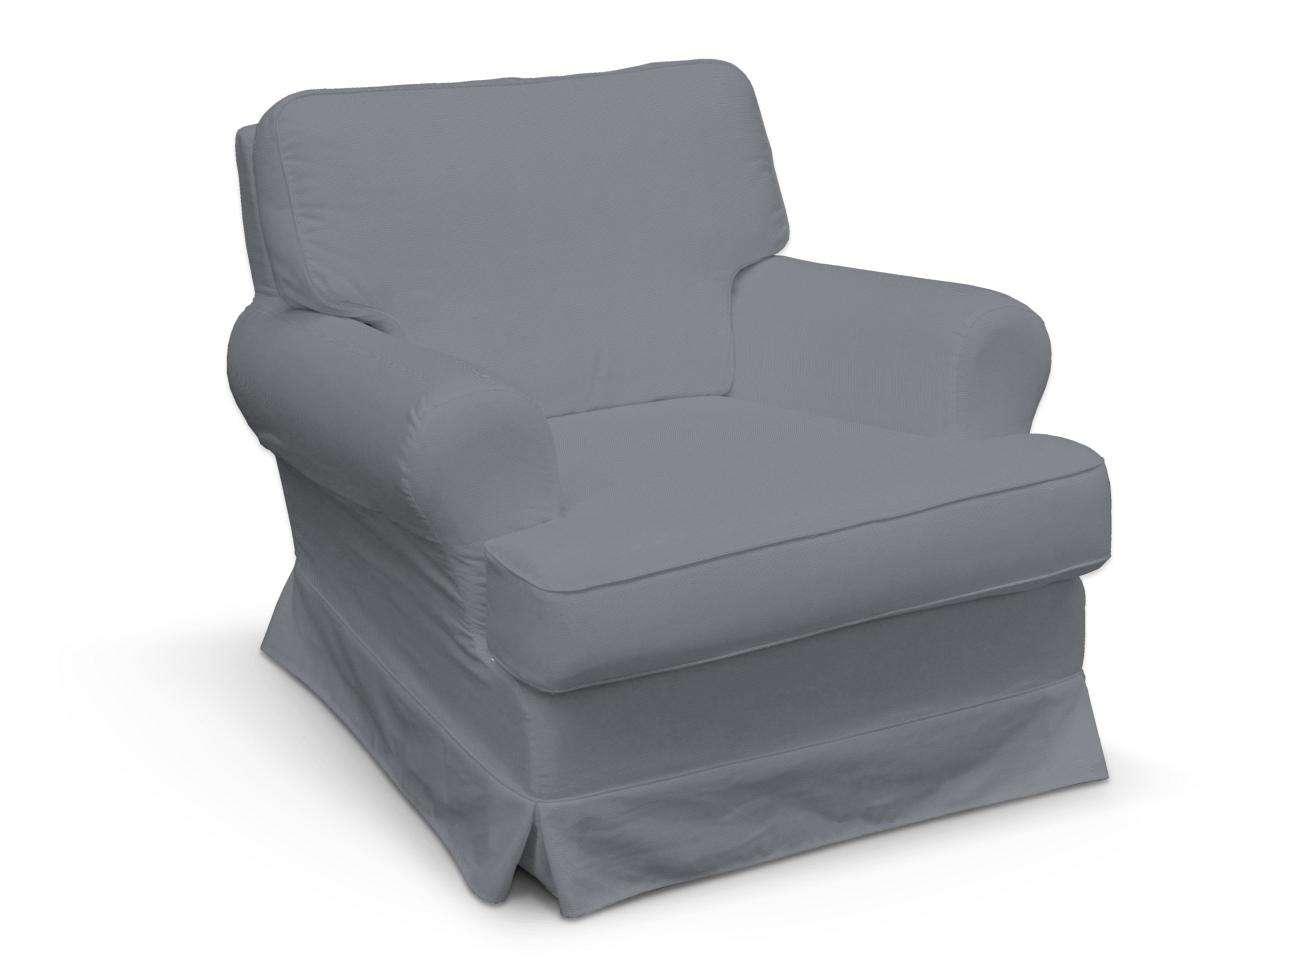 Barkaby fotelio užvalkalas Barkaby fotelio užvalkalas kolekcijoje Cotton Panama, audinys: 702-07